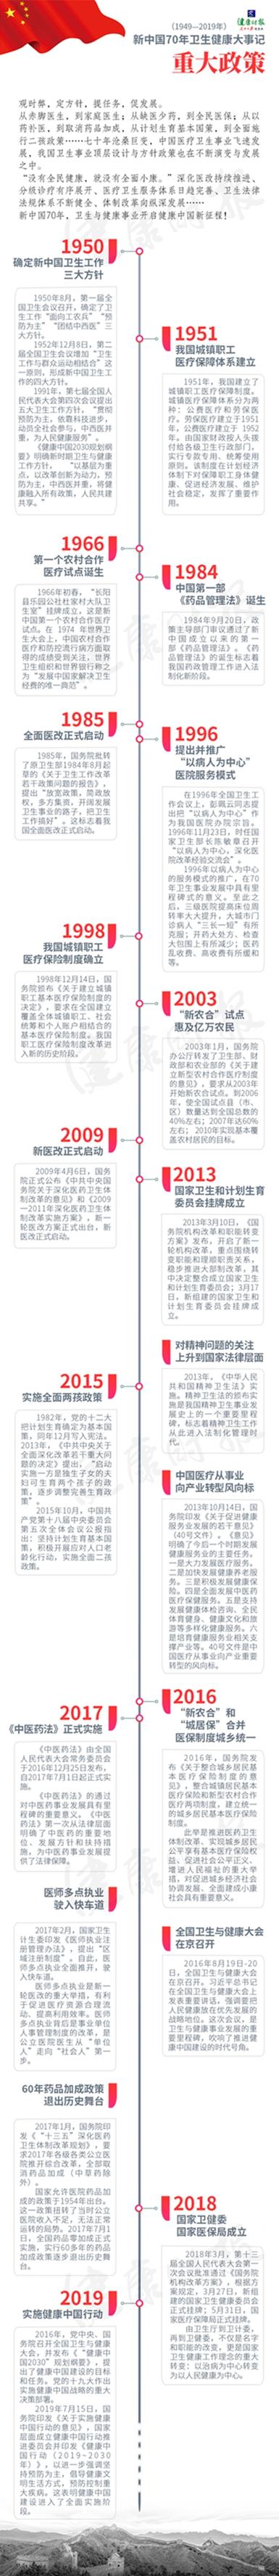 今非昔比!三张图带你回顾新中国卫生健康事业70年